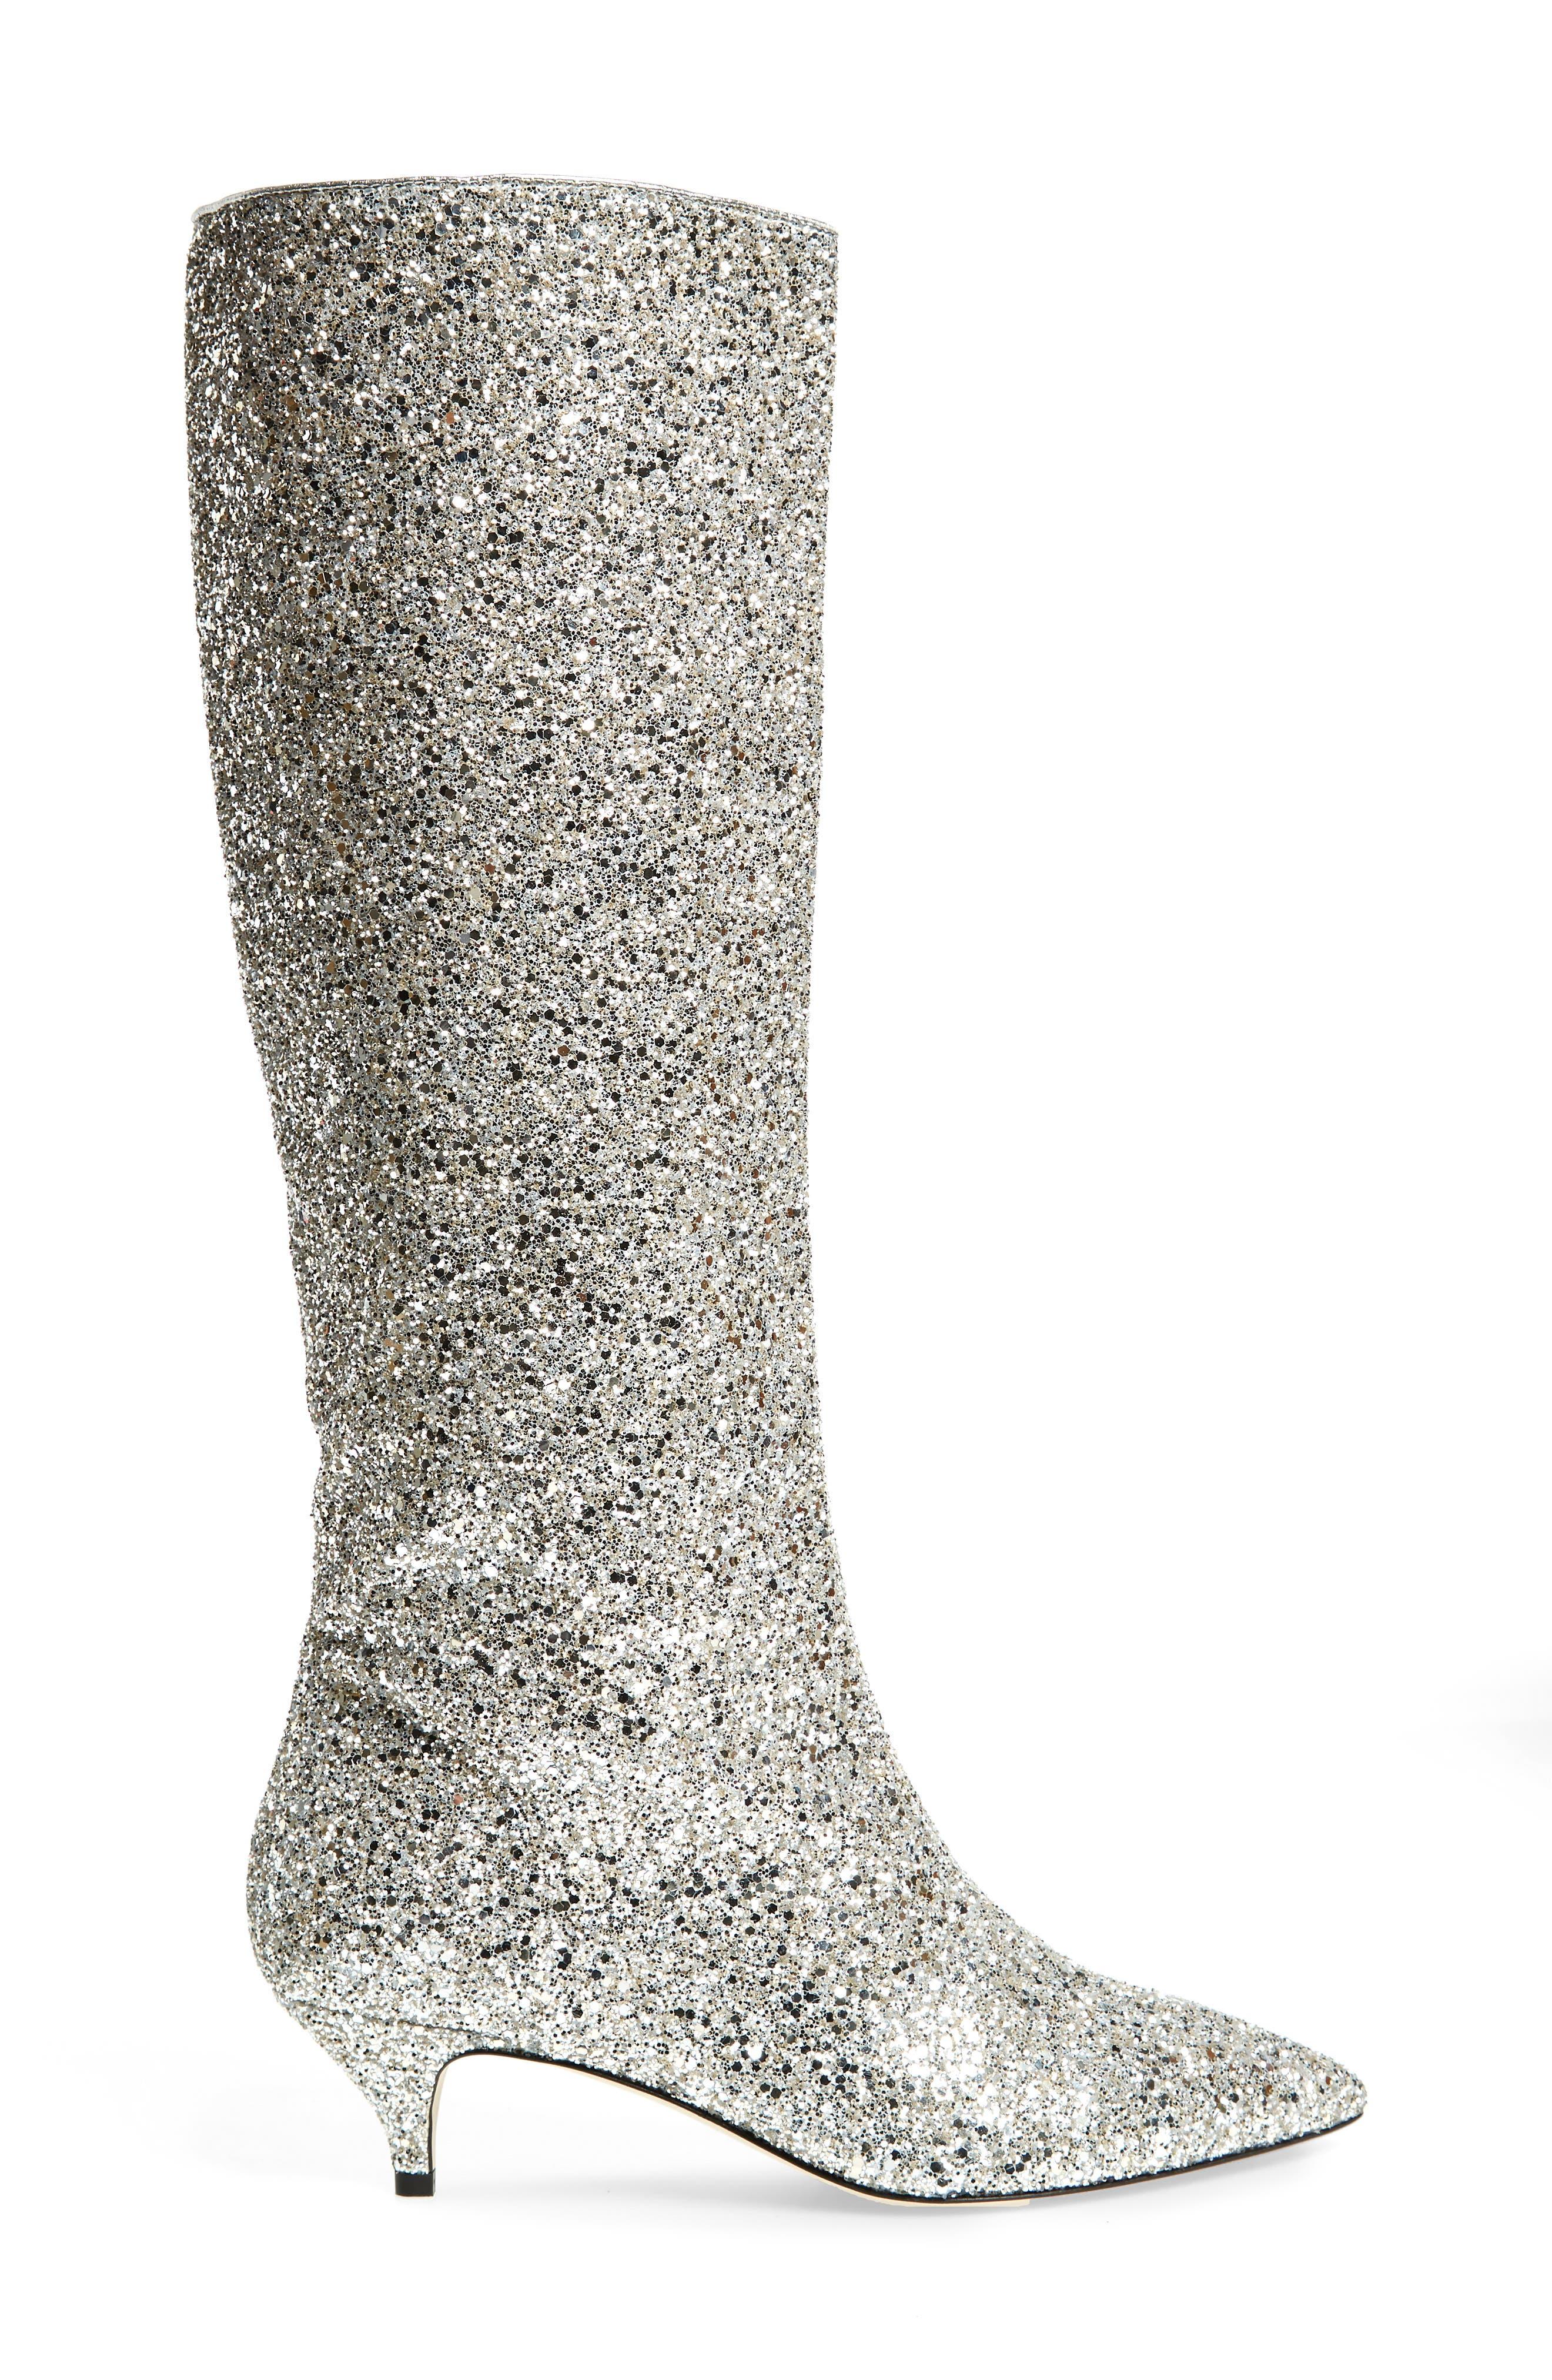 olina glitter knee high boot,                             Alternate thumbnail 3, color,                             Silver/ Gold Glitter